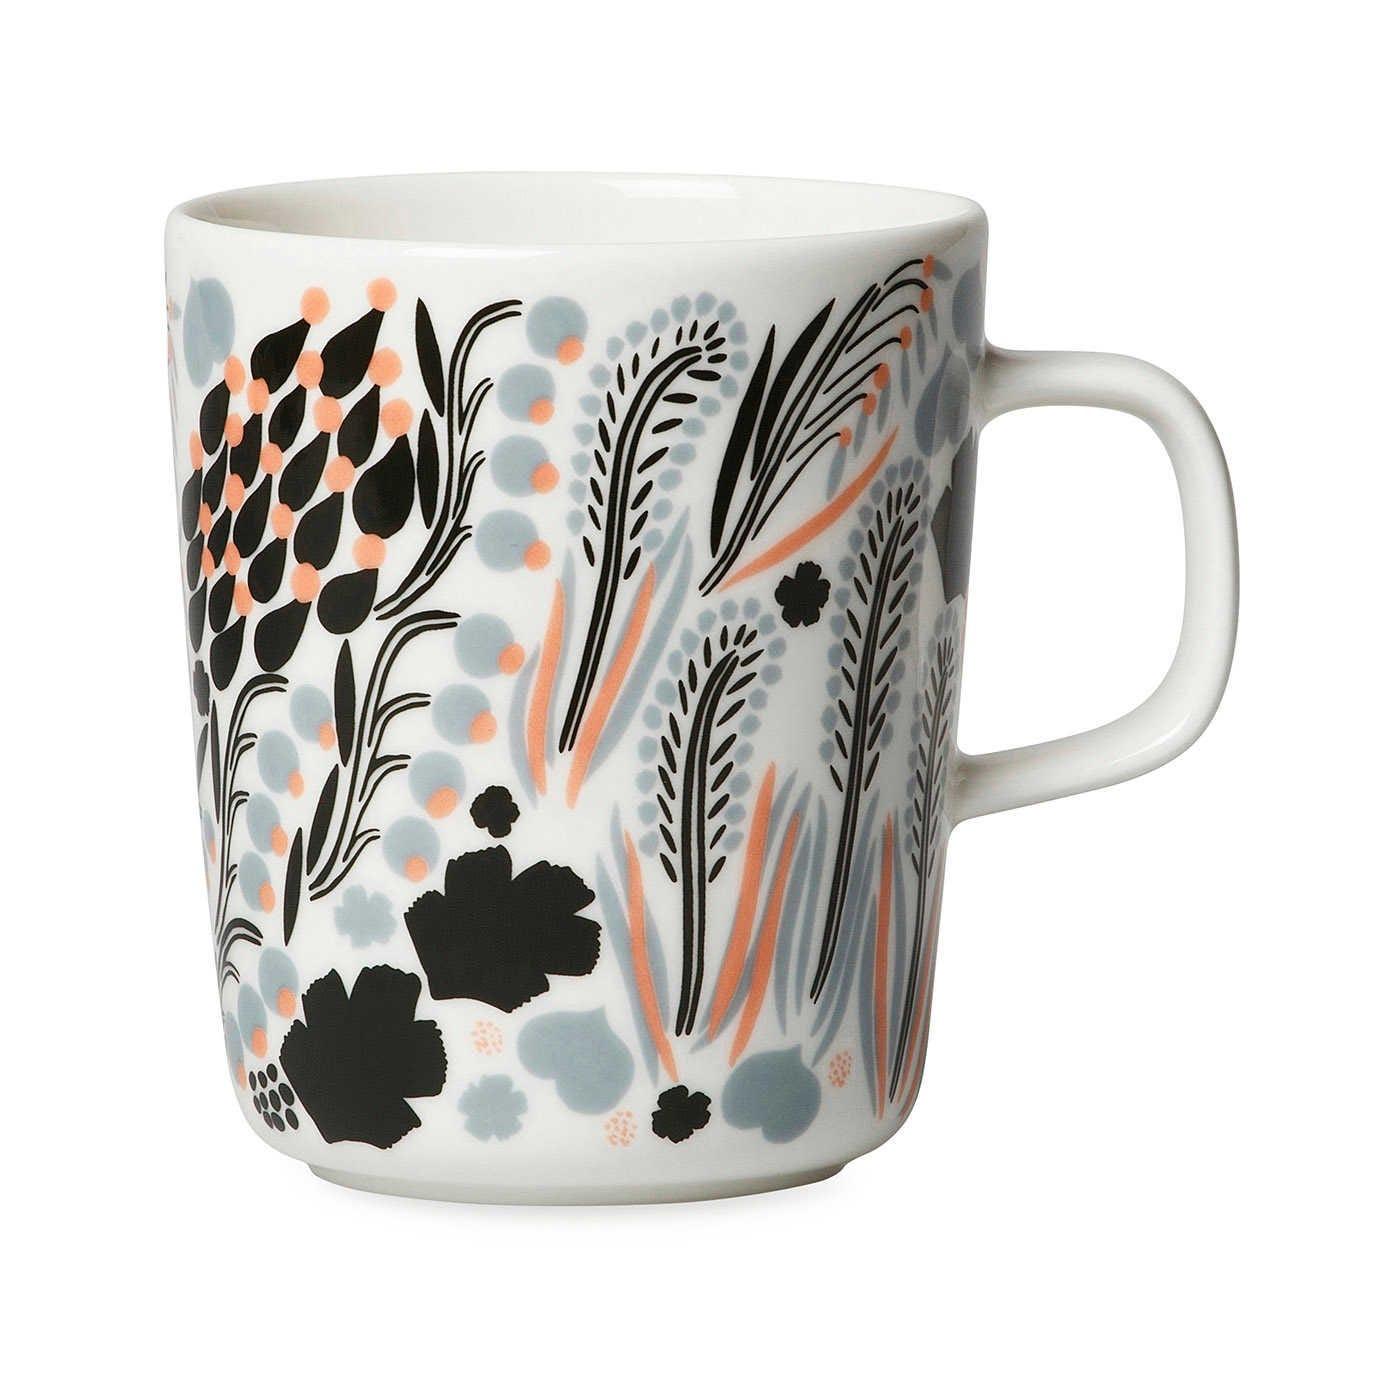 Letto mug